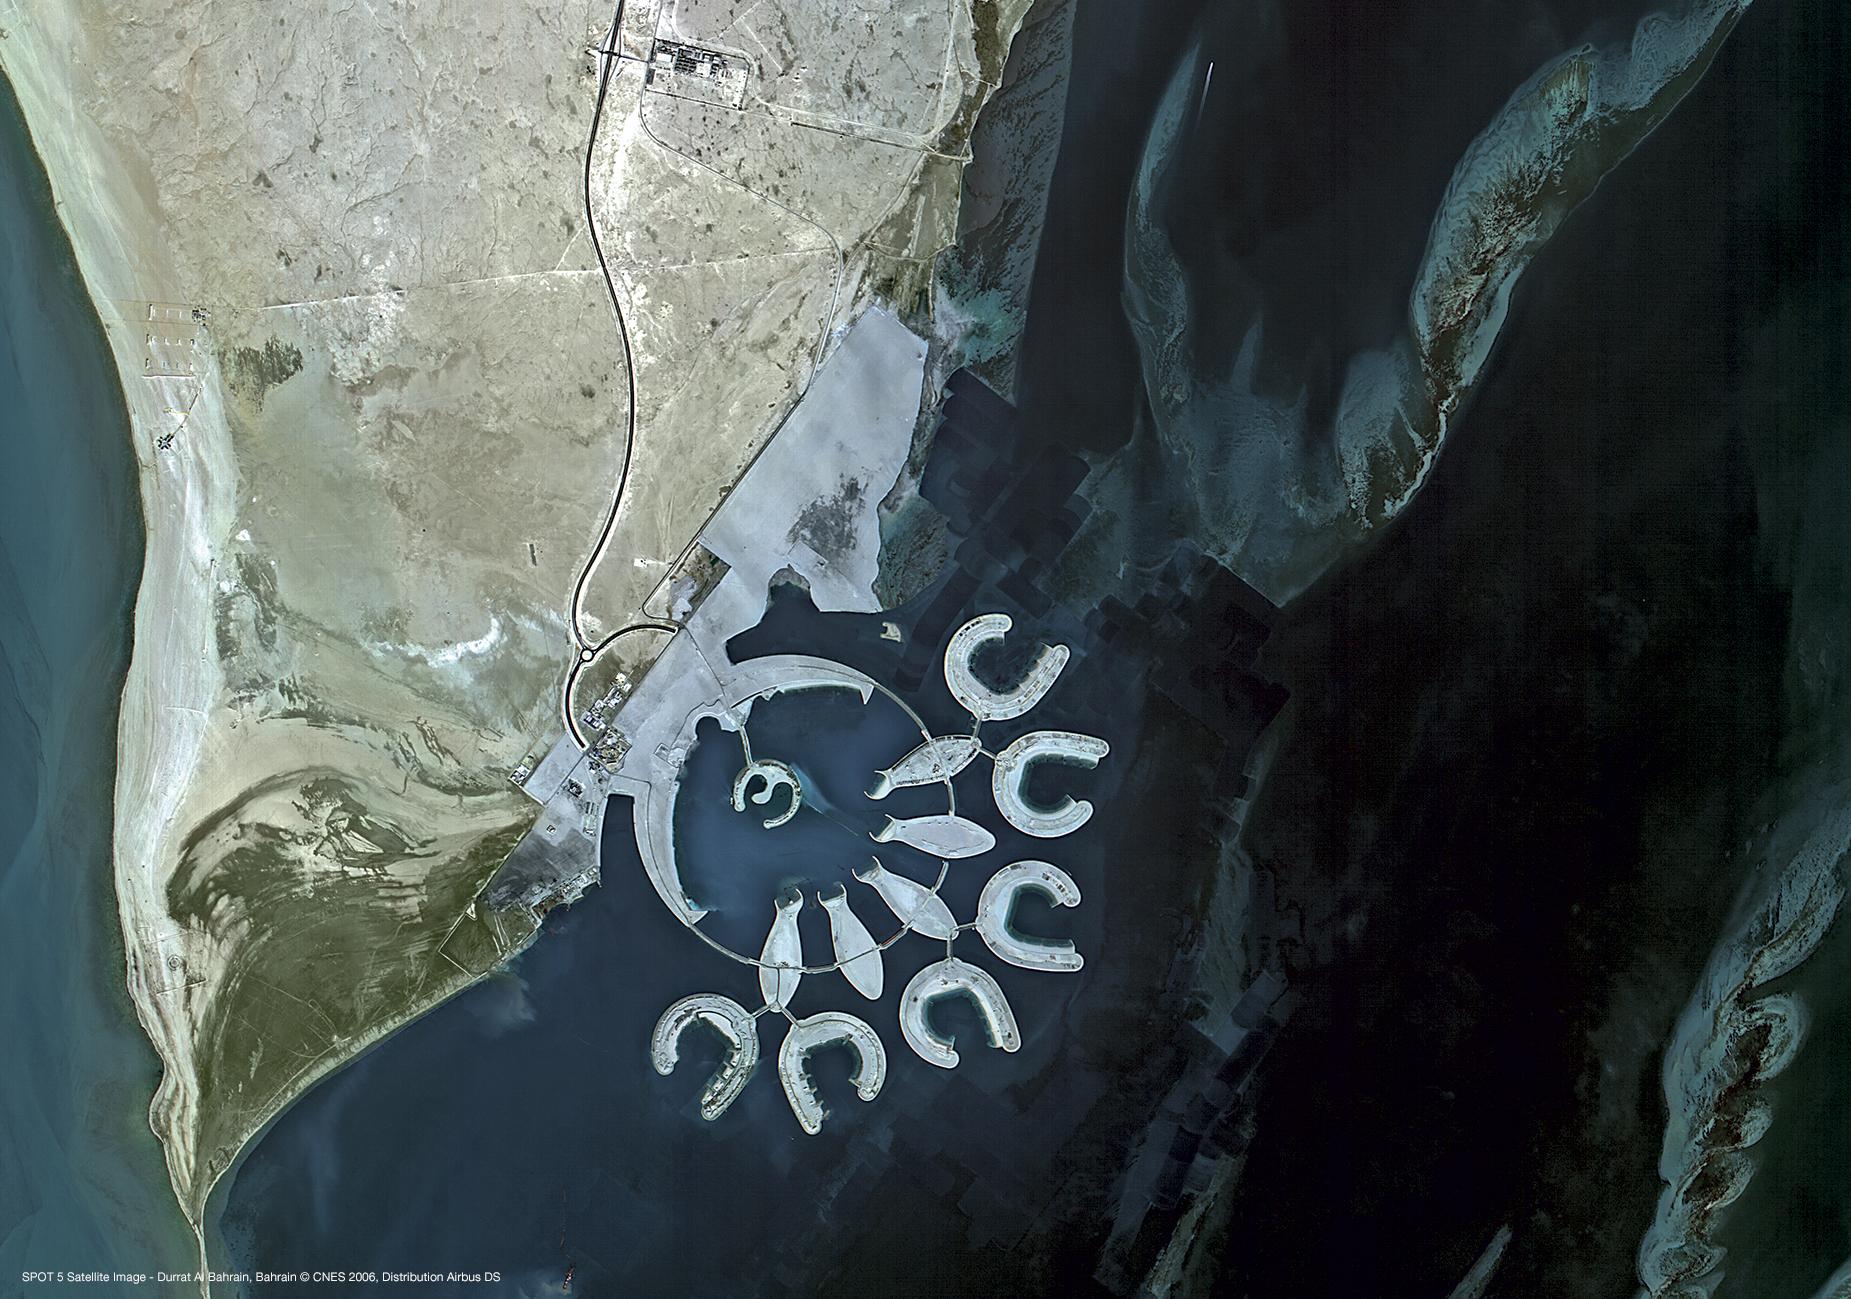 Premier avril - Poisson d'avril - îles en forme de poisson - Bahreïn - Durrat Al Bahrain